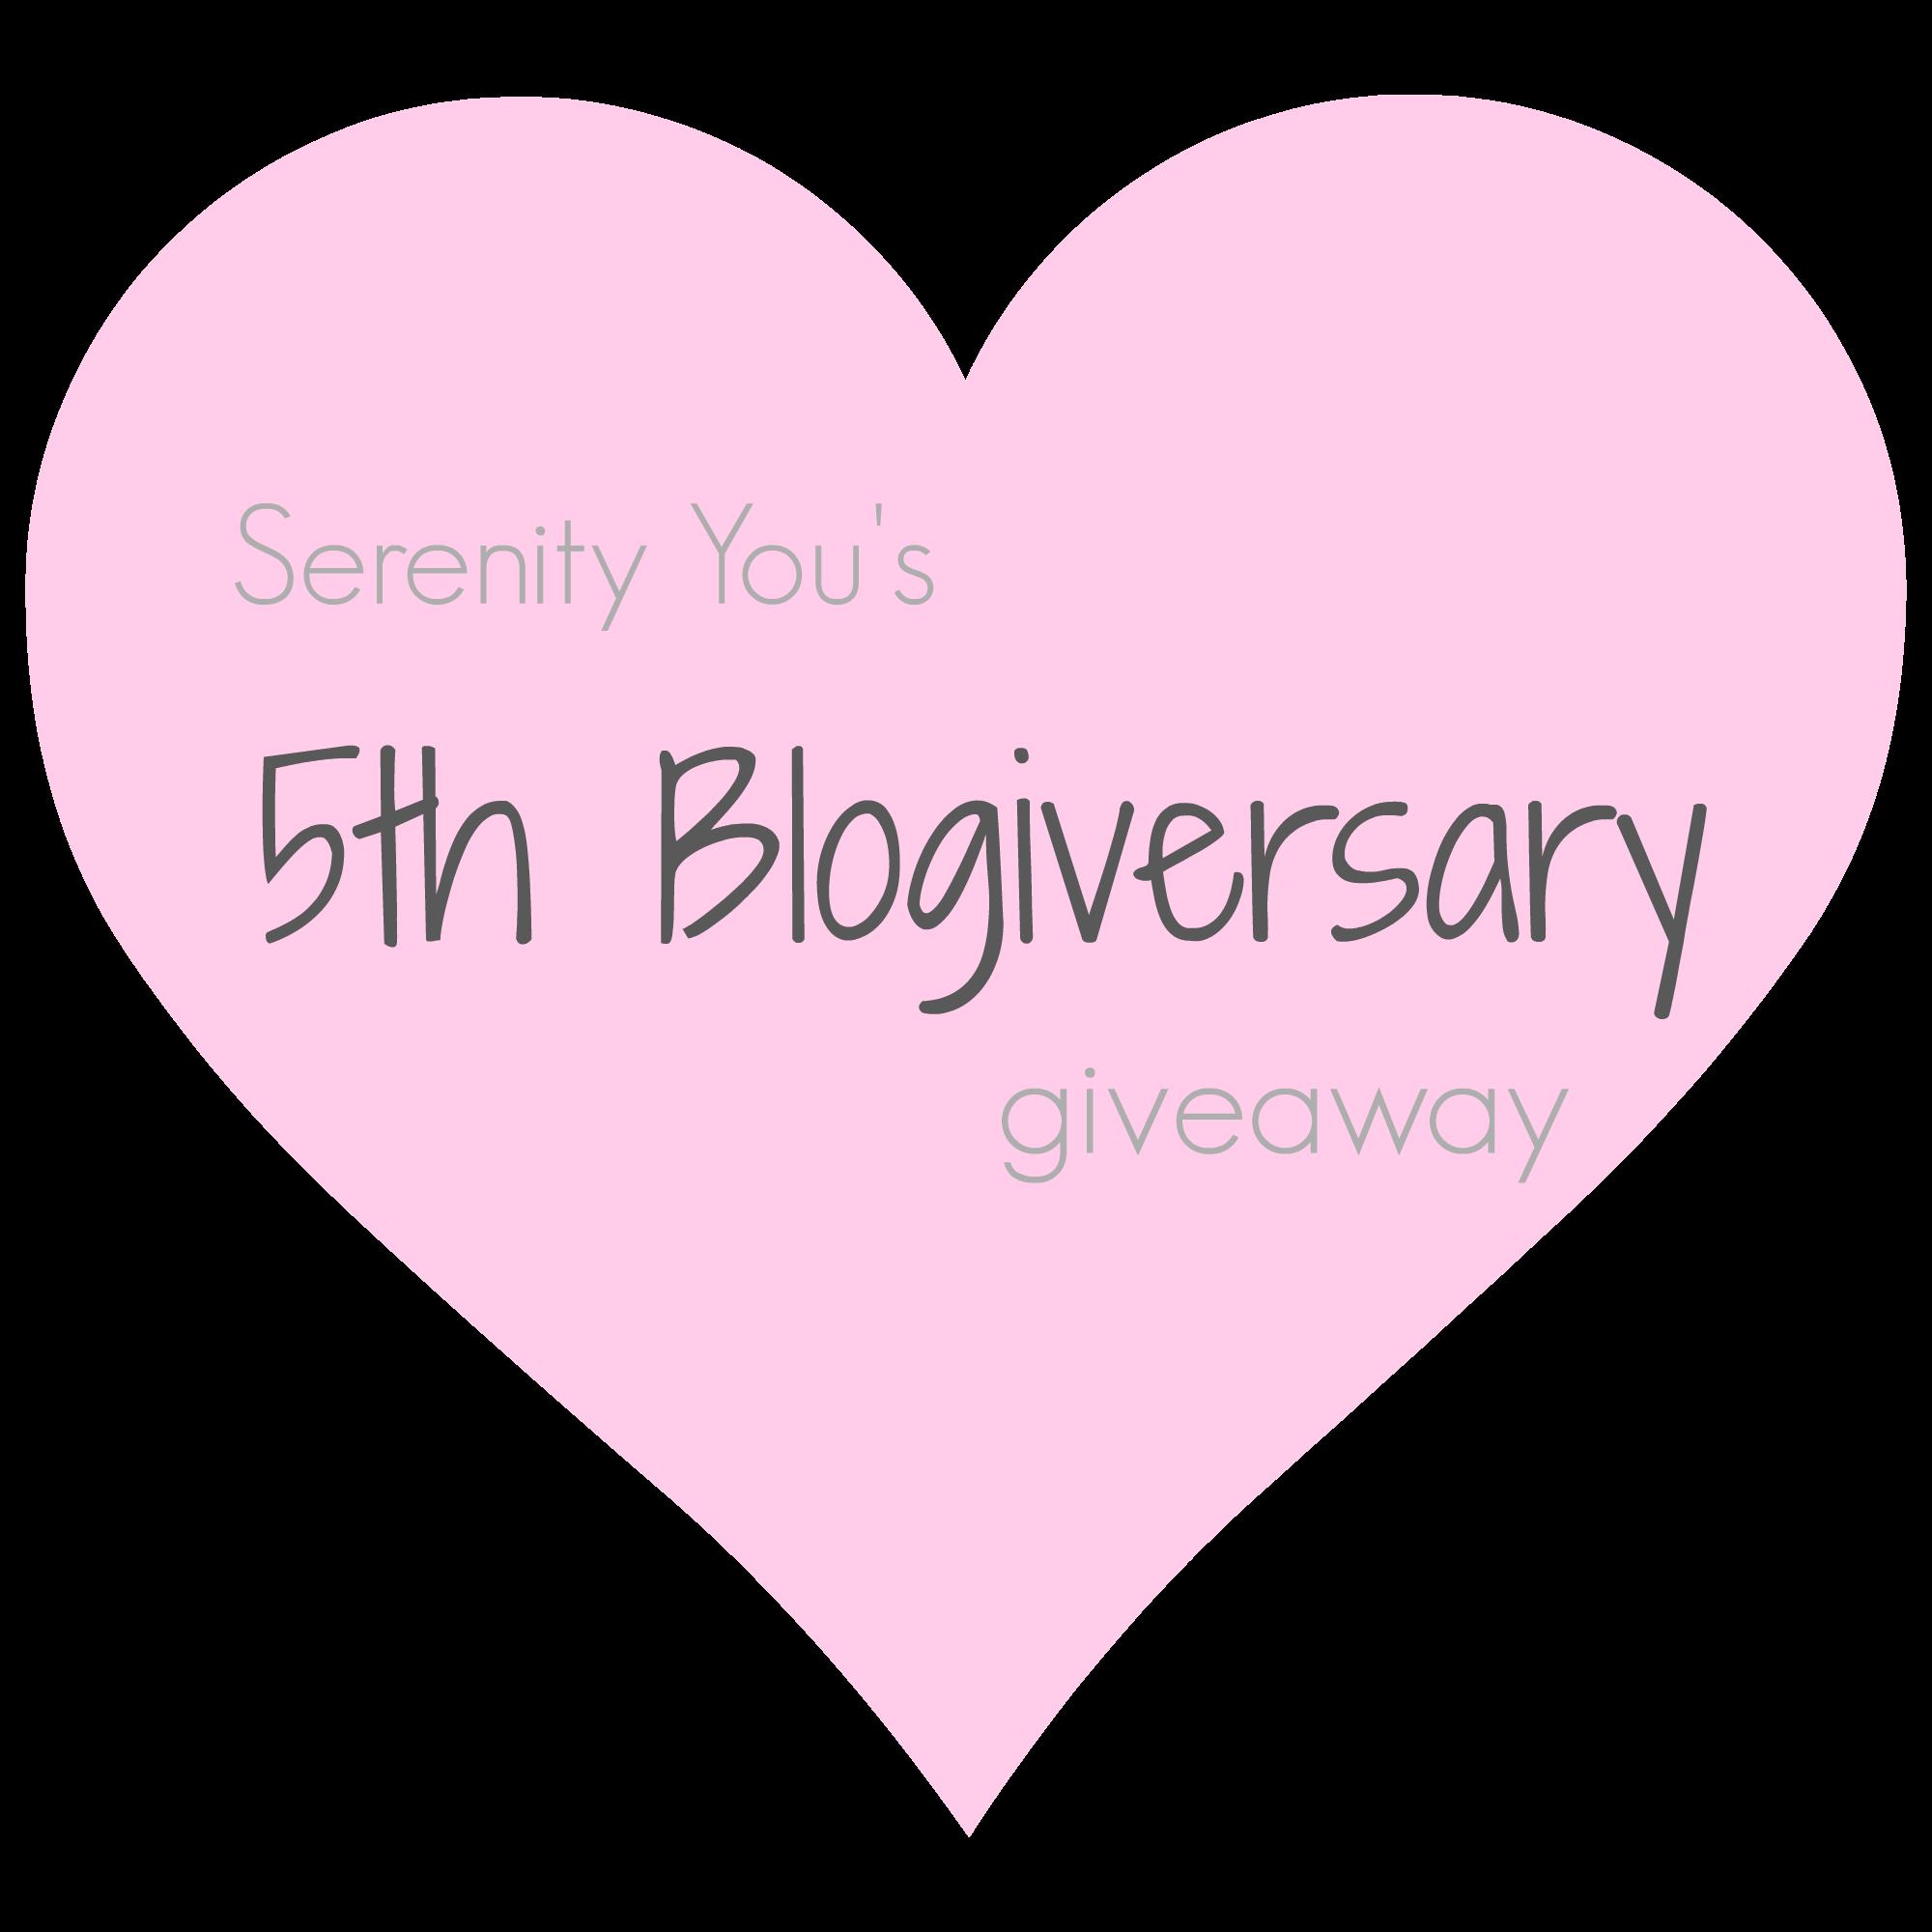 5th blogiversary logo